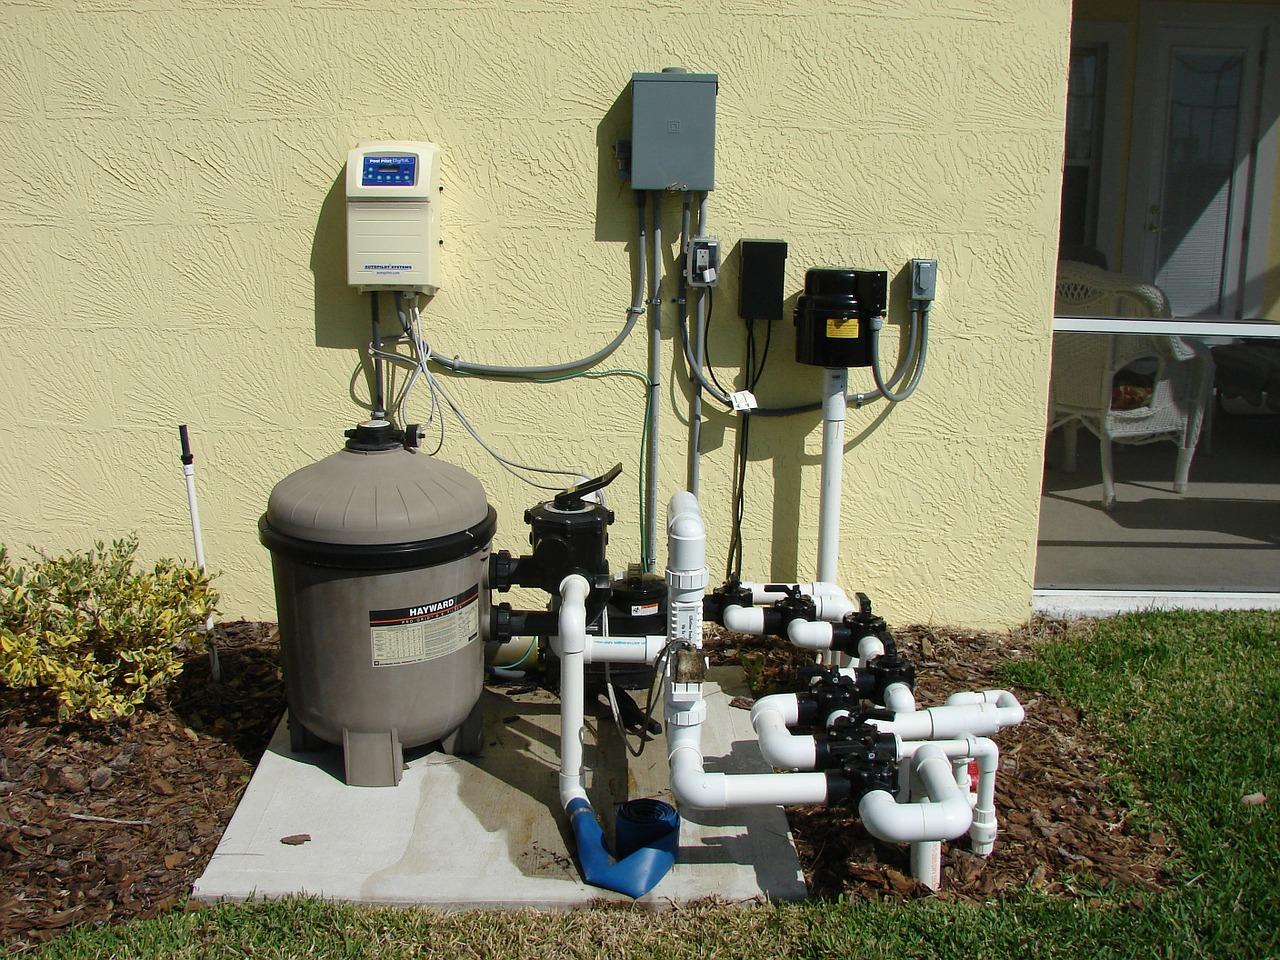 Cenni sui sistemi di filtrazione acqua per le industrie alimentari